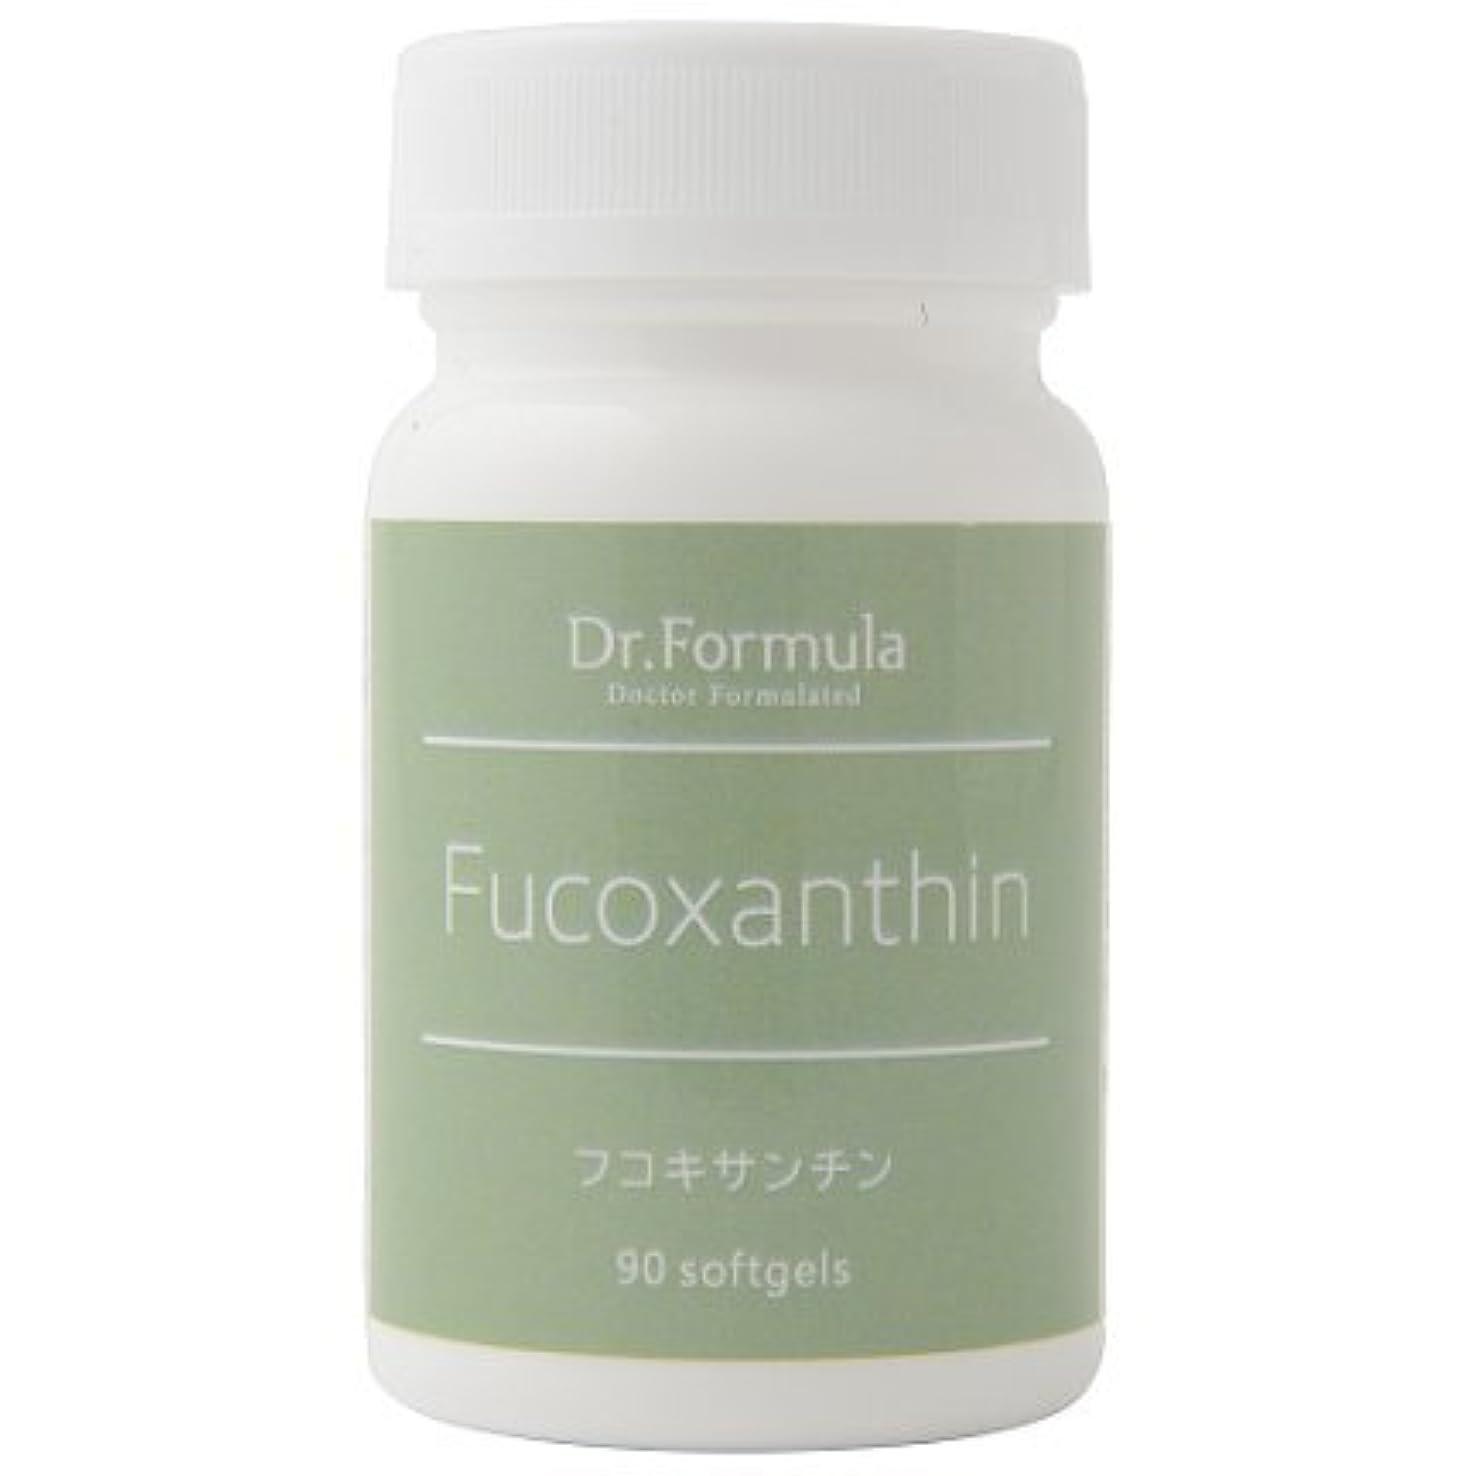 水星論理単位Dr.Formula フコキサンチン(テレビで話題の希少成分) 30日分 90粒 日本製 Fucoxanthin